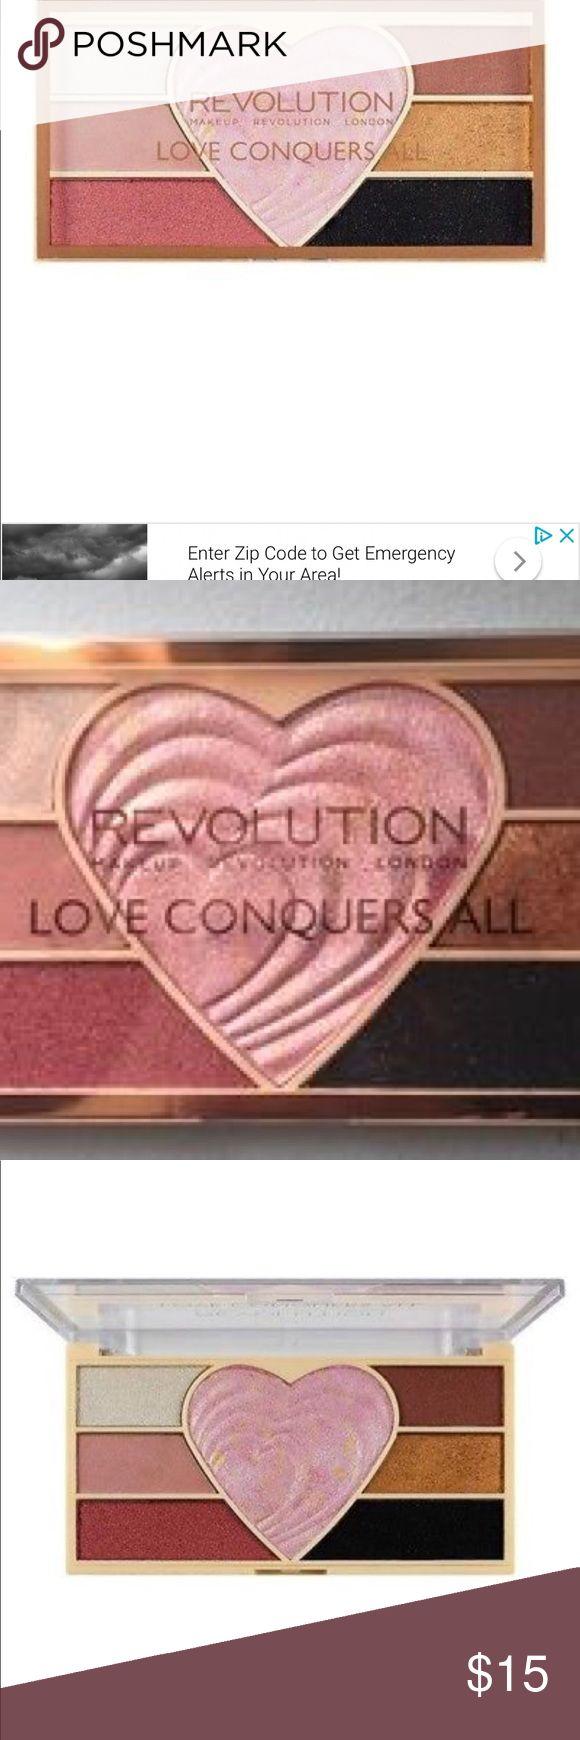 Makeup Revolution Palette Pigment Highlighter Makeup